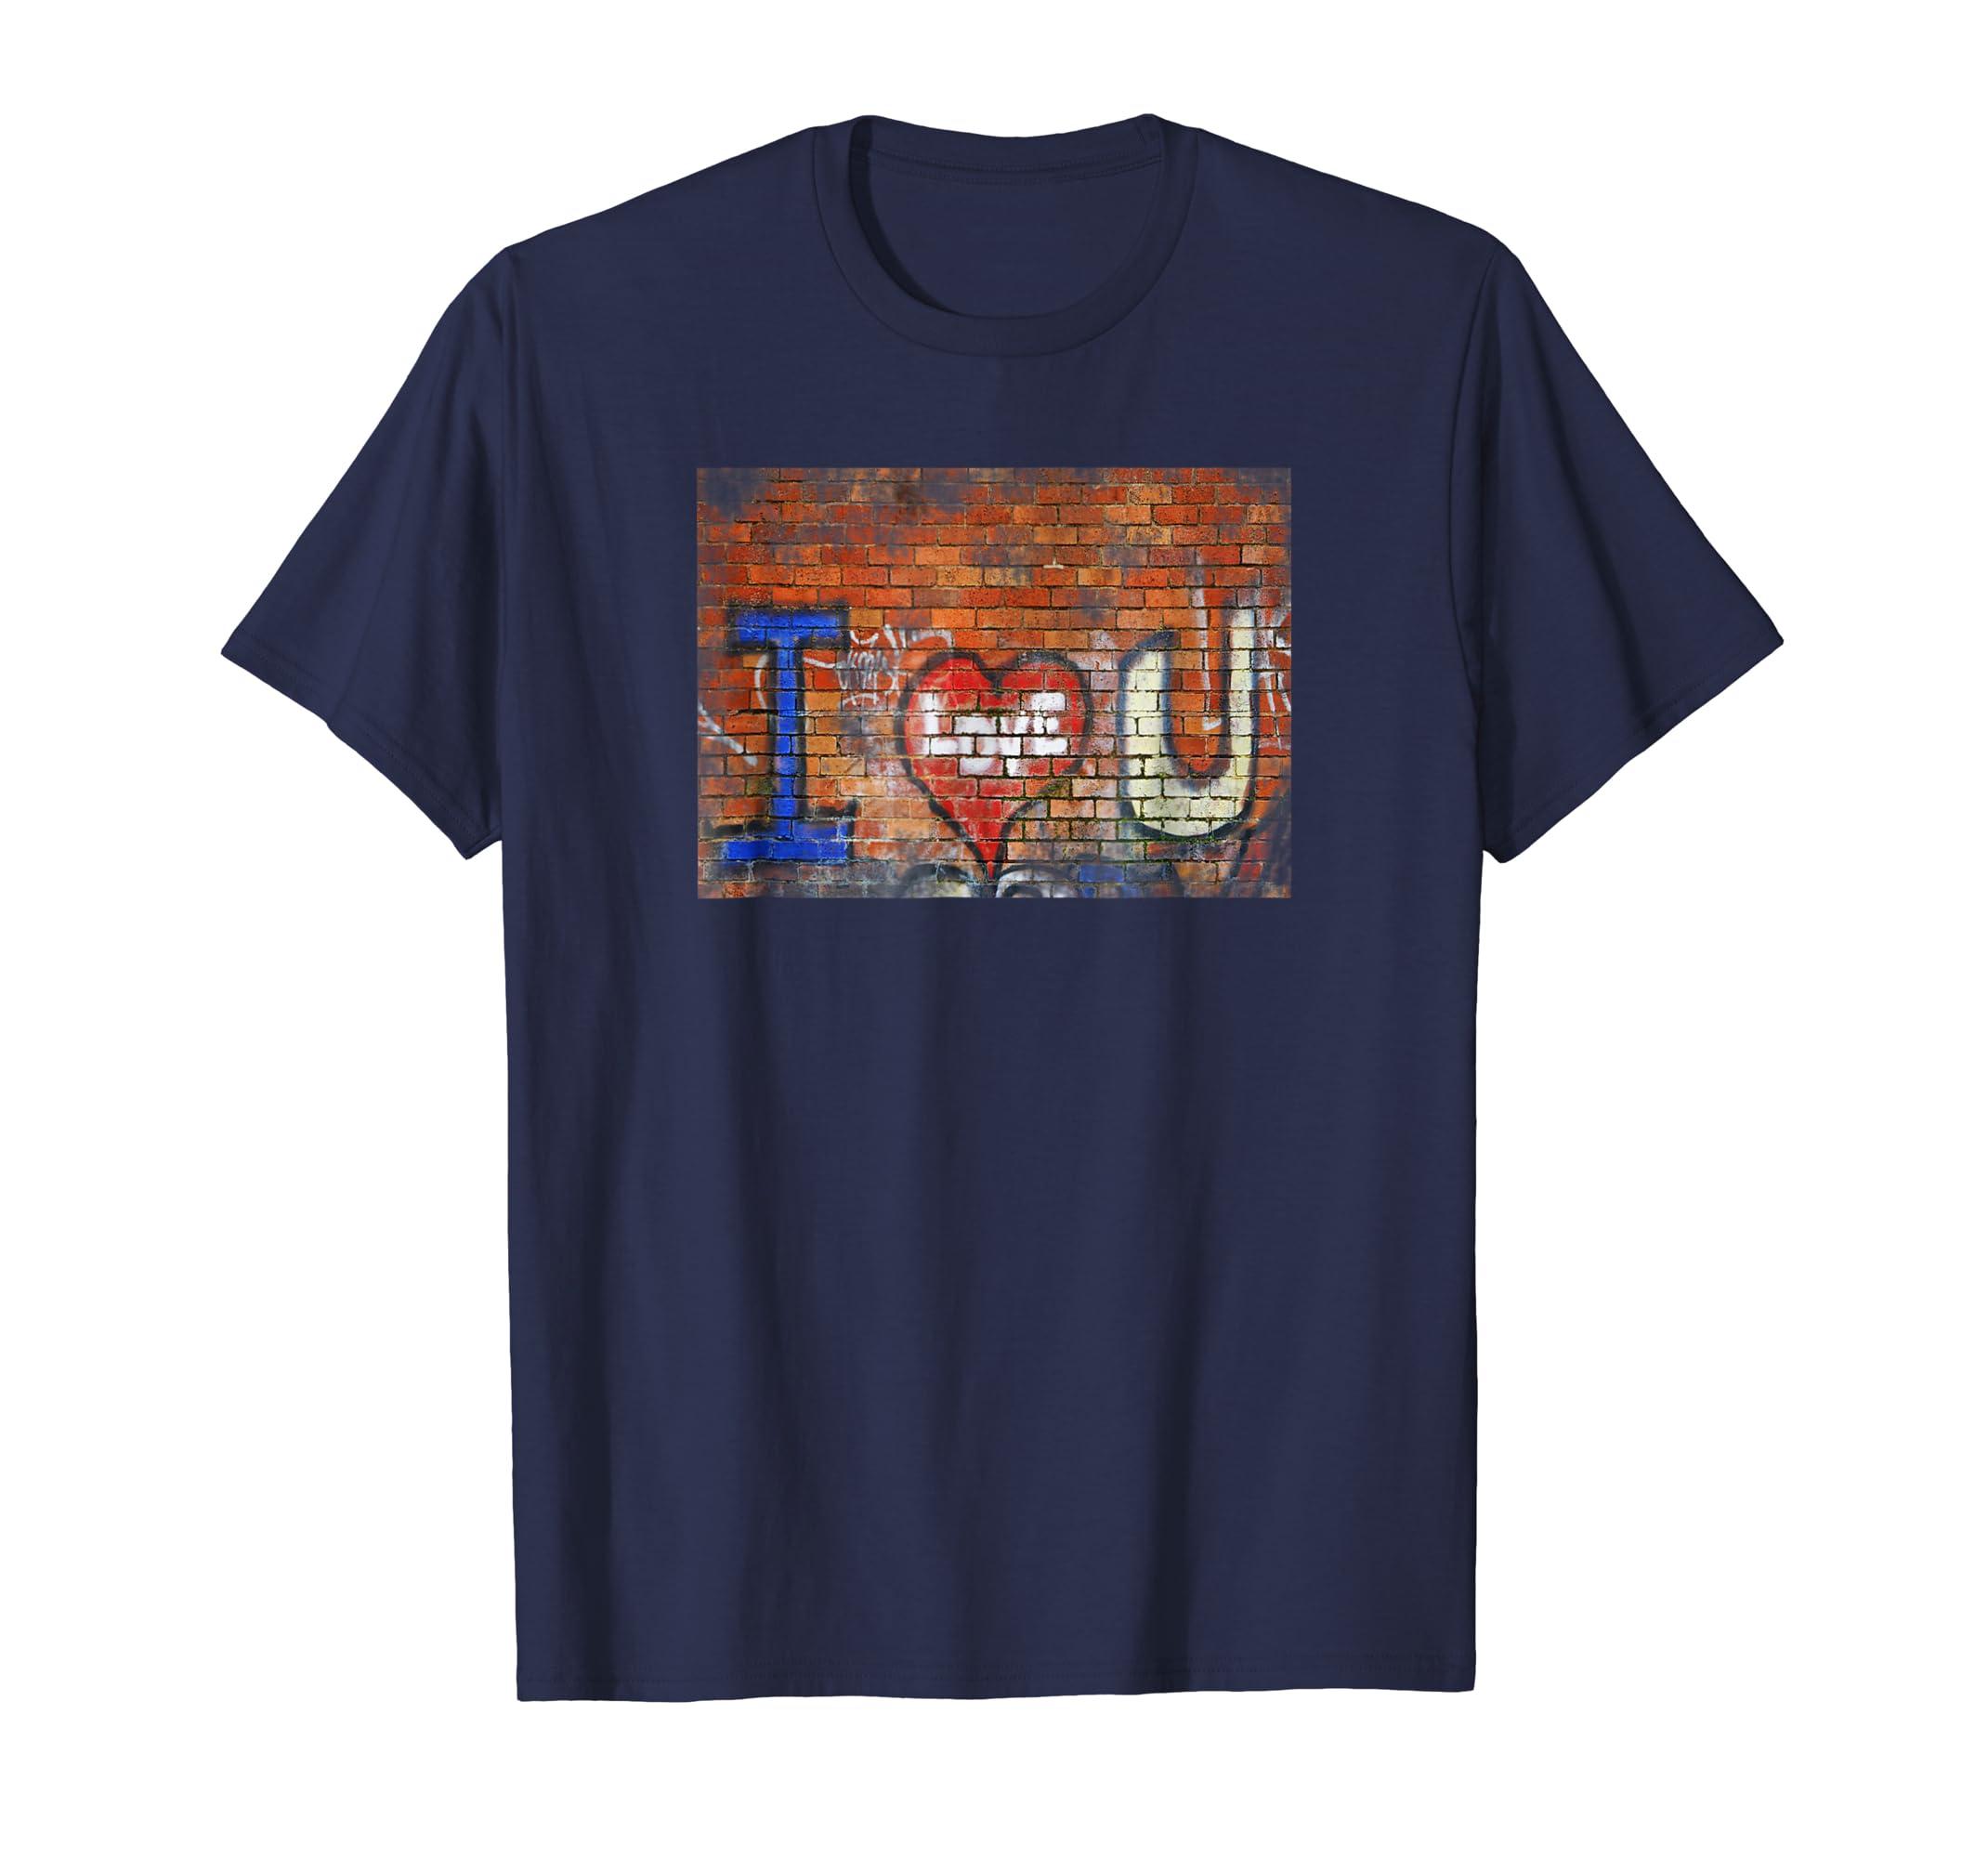 Graffiti Art T Shirt